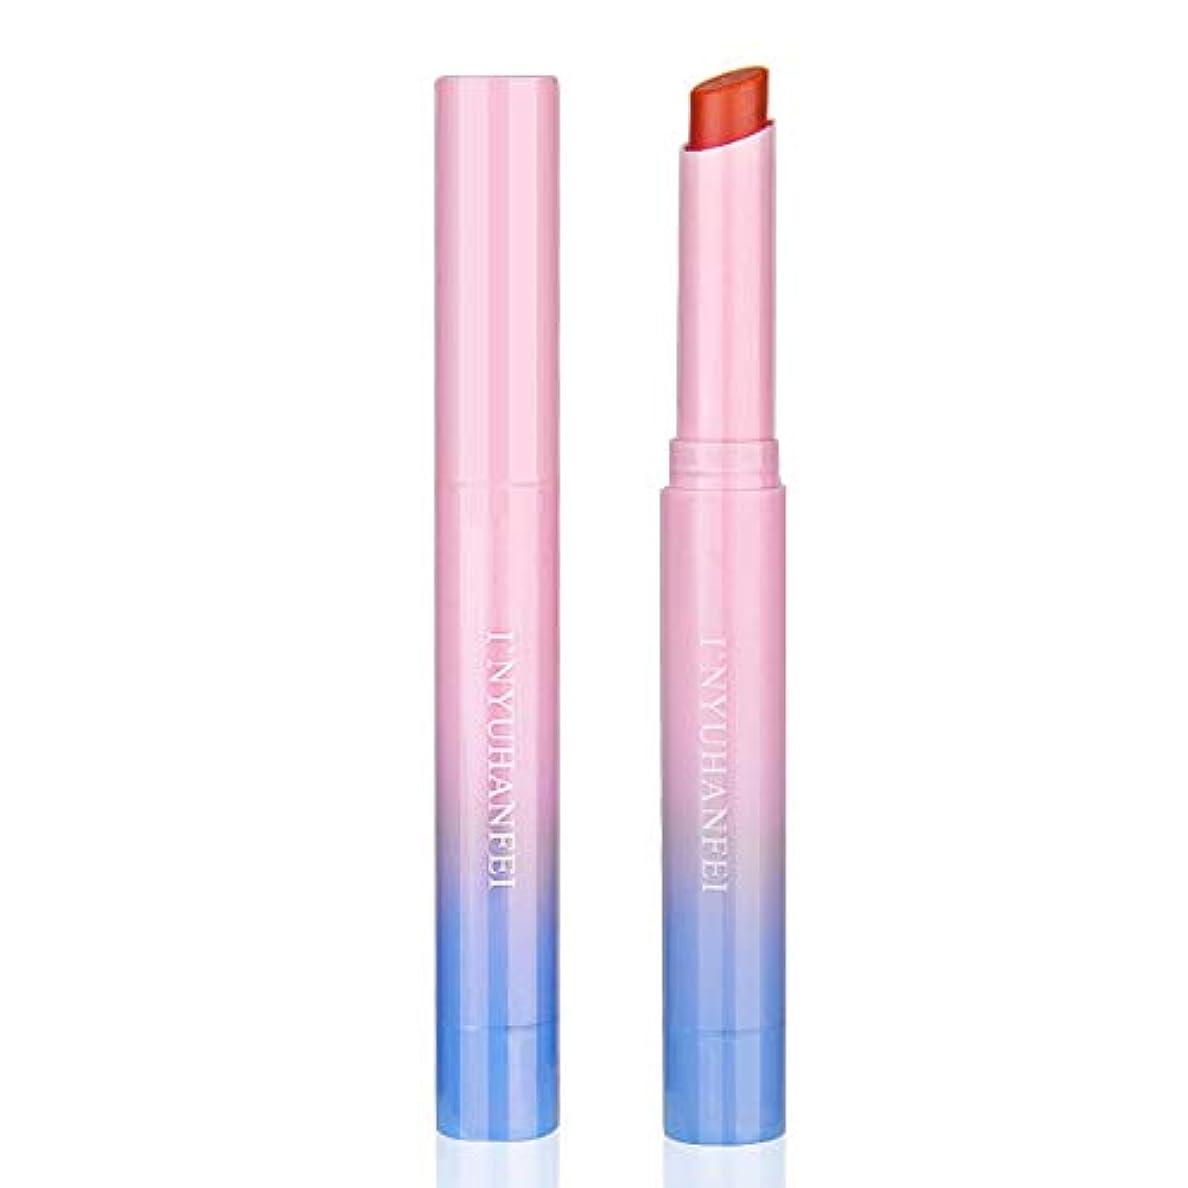 気球それによってマーベルFGULリップグロス怠惰な口紅長続きがする化粧品グラデーションカラー回転保湿リップスティック